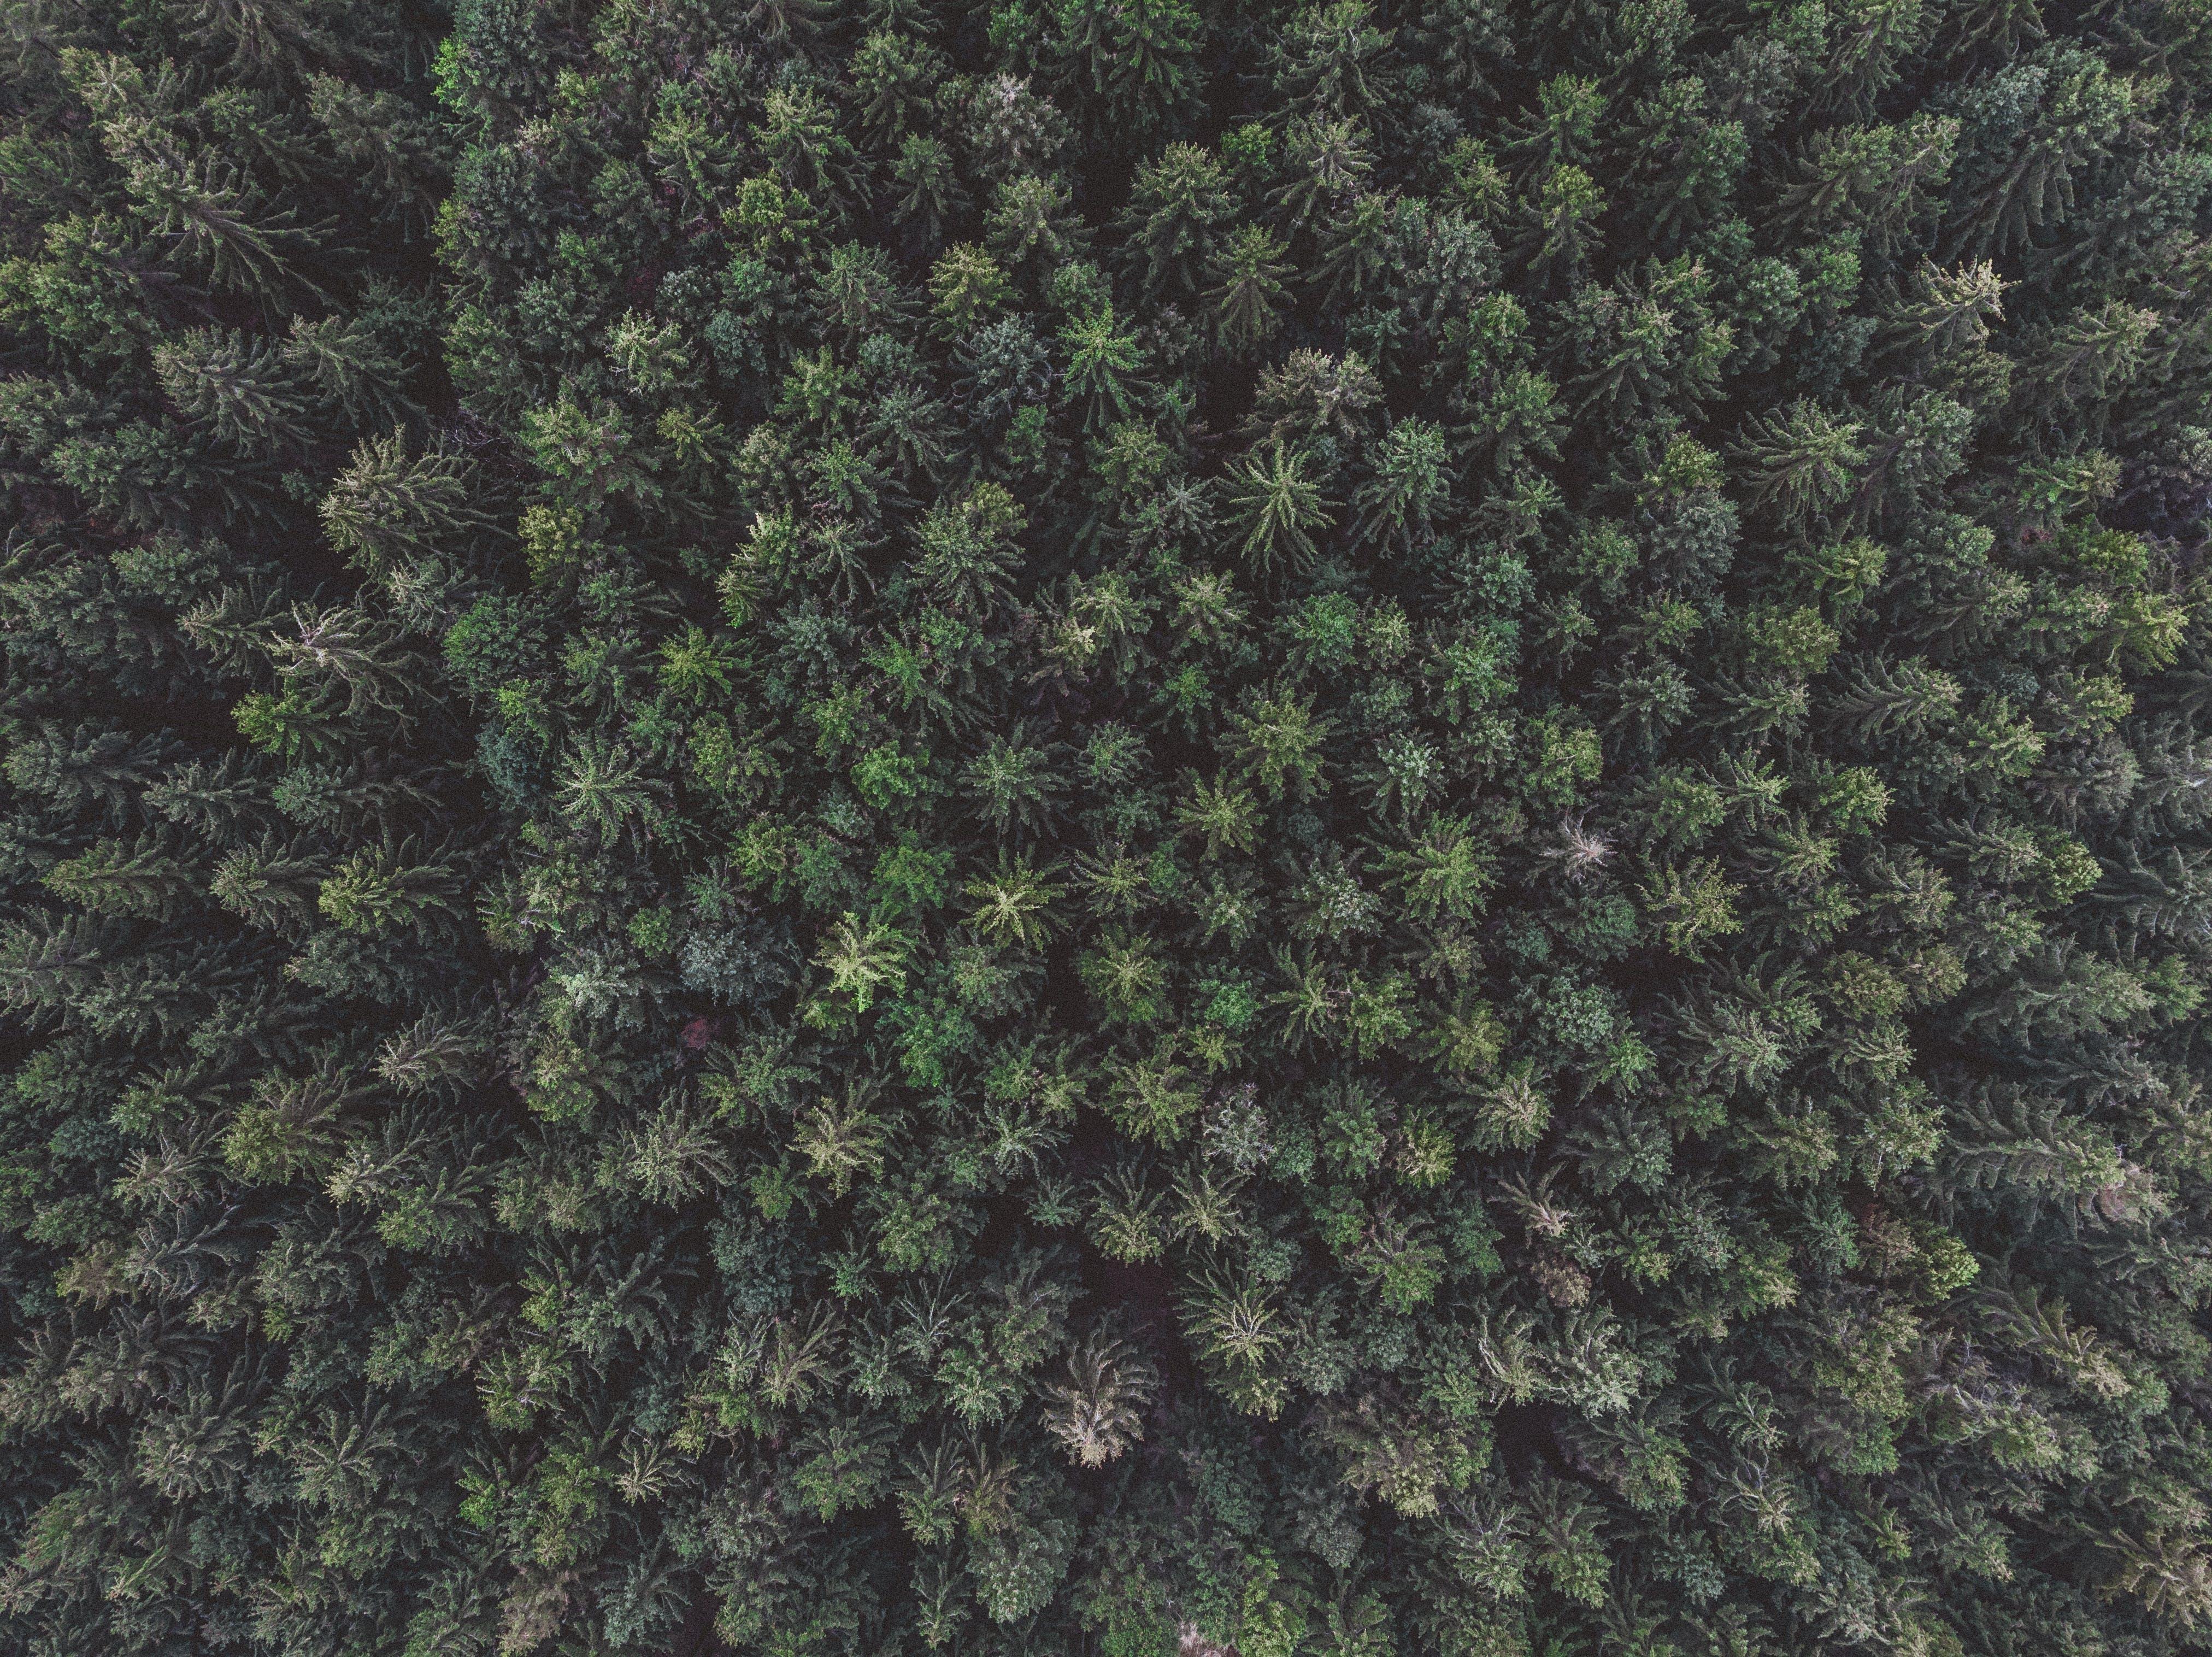 Gratis lagerfoto af fra oven, fugleperspektiv, luftfoto, skov